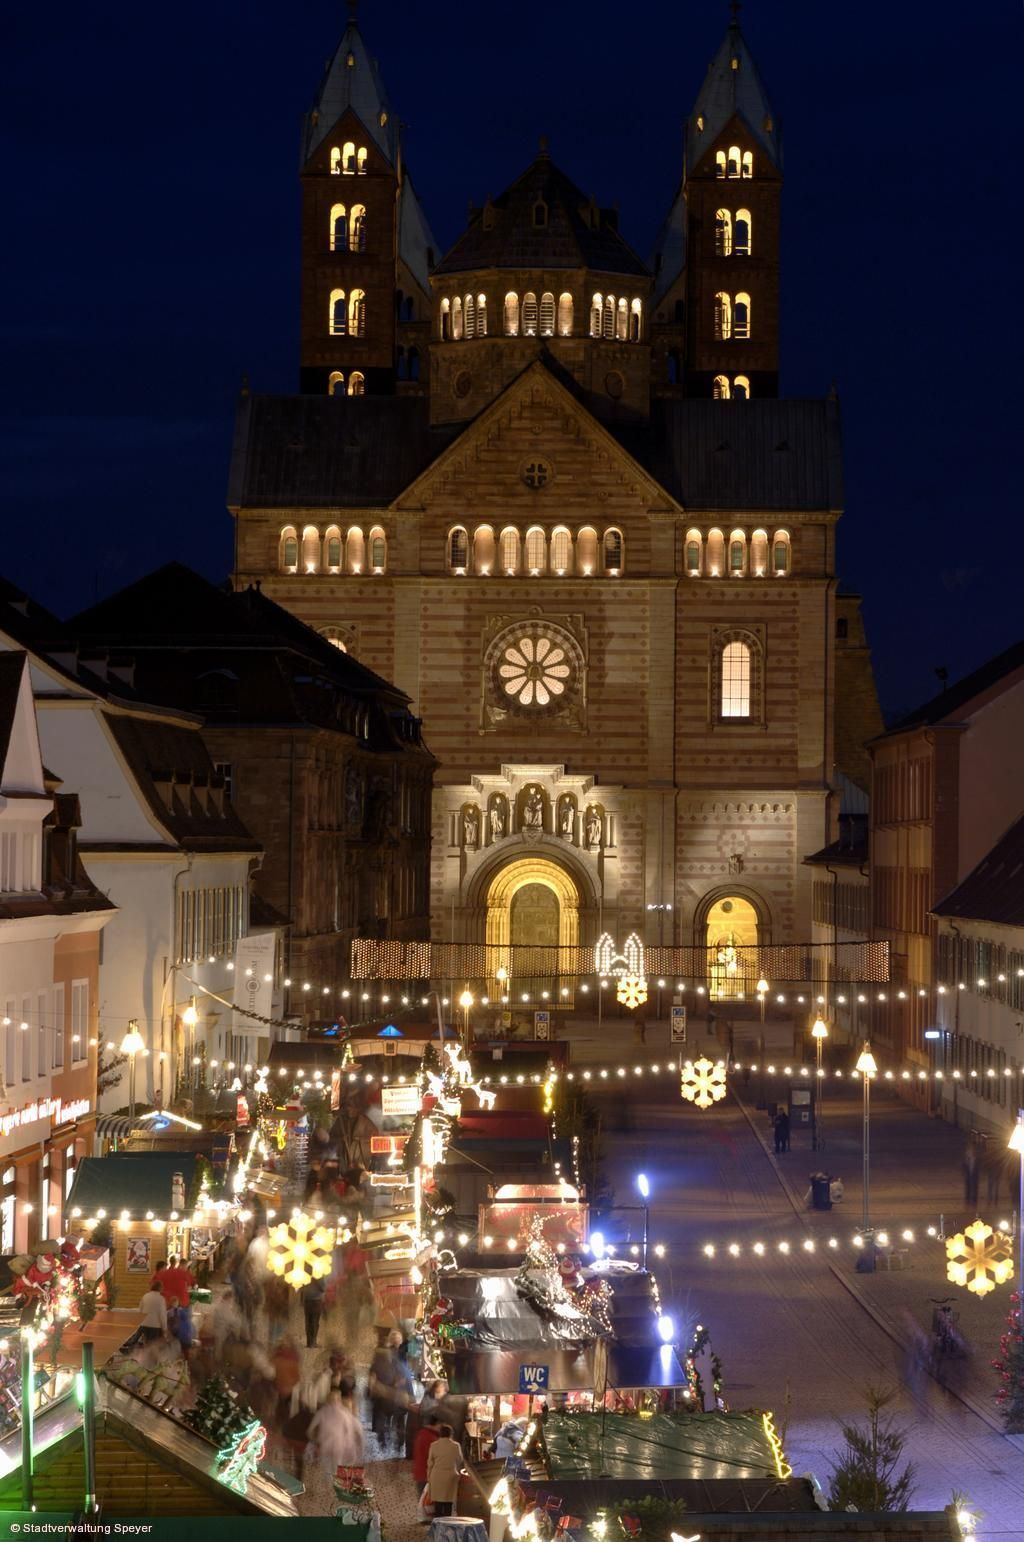 Weihnachten 2019 In Deutschland.Weihnachts Und Neujahrsmarkt Speyer Am 25 11 2019 Bis 06 01 2020